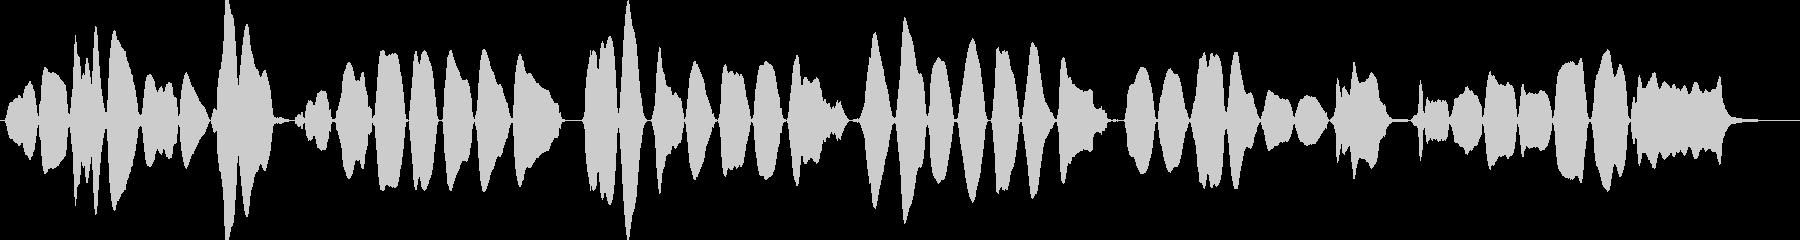 バイオリン初心者が弾くきらきら星の未再生の波形